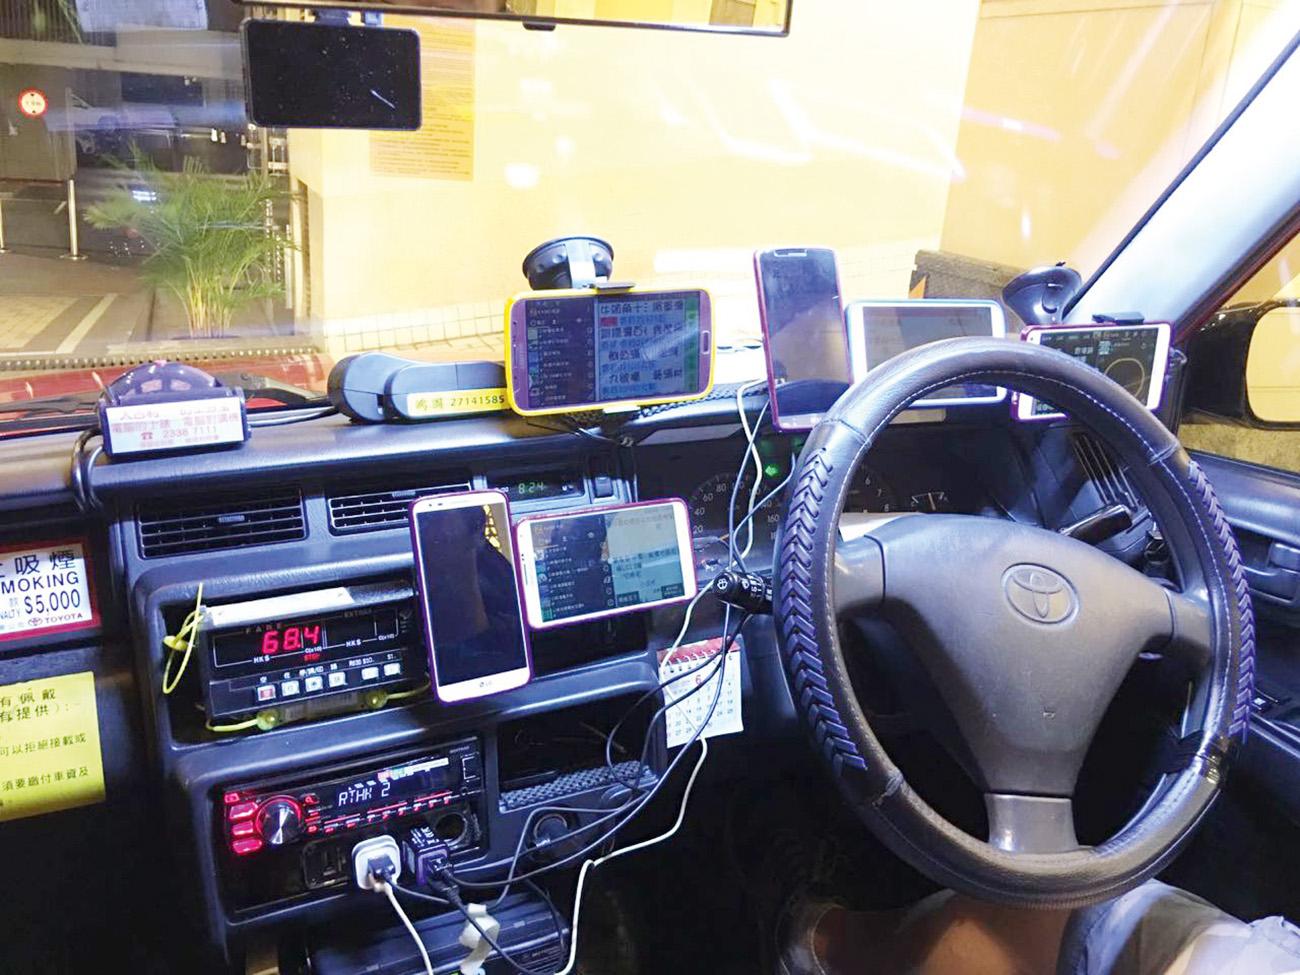 Imagine o trabalho que o motorista deste táxi em Hong Kong vai ter para descobrir qual celular está tocando...